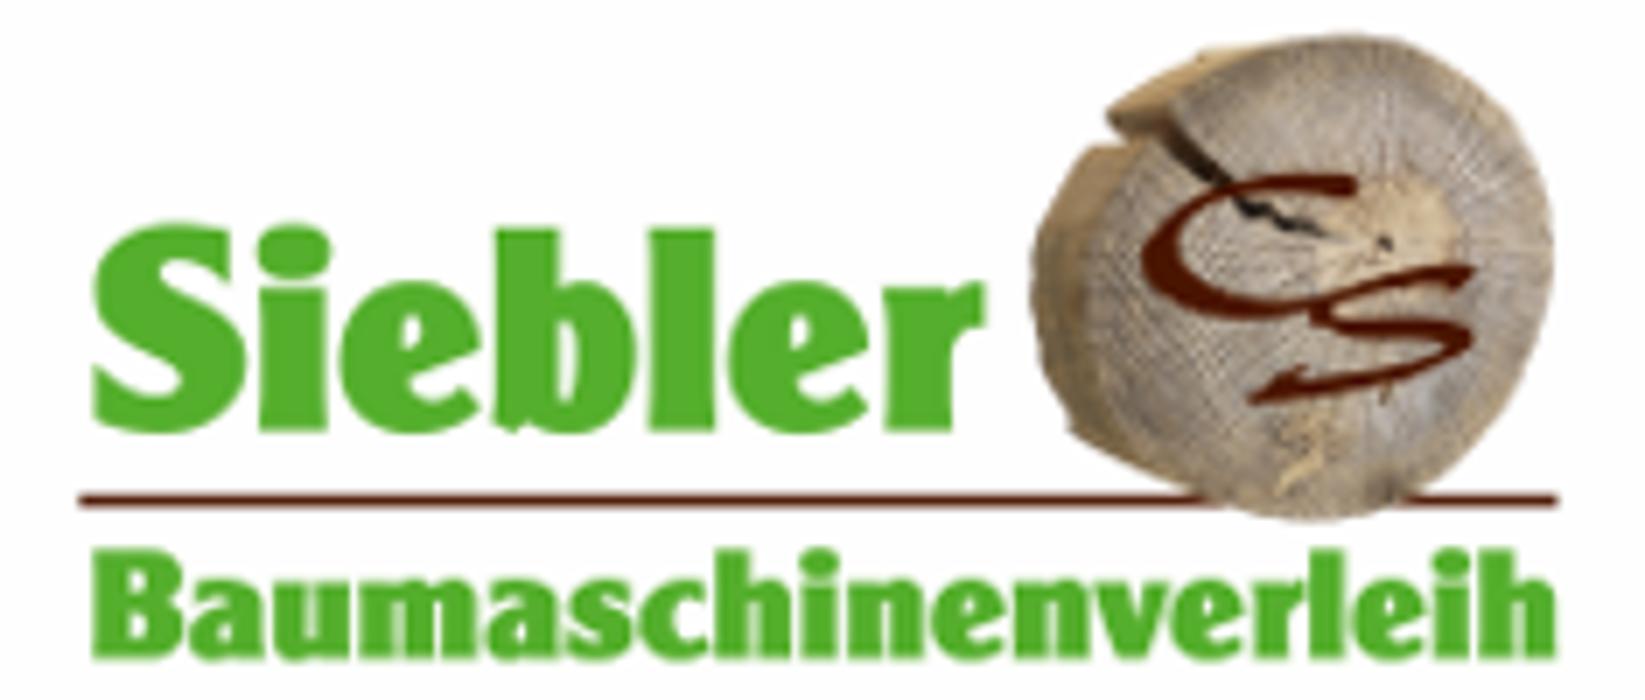 Bild zu Siebler Baumaschinen in Schweitenkirchen